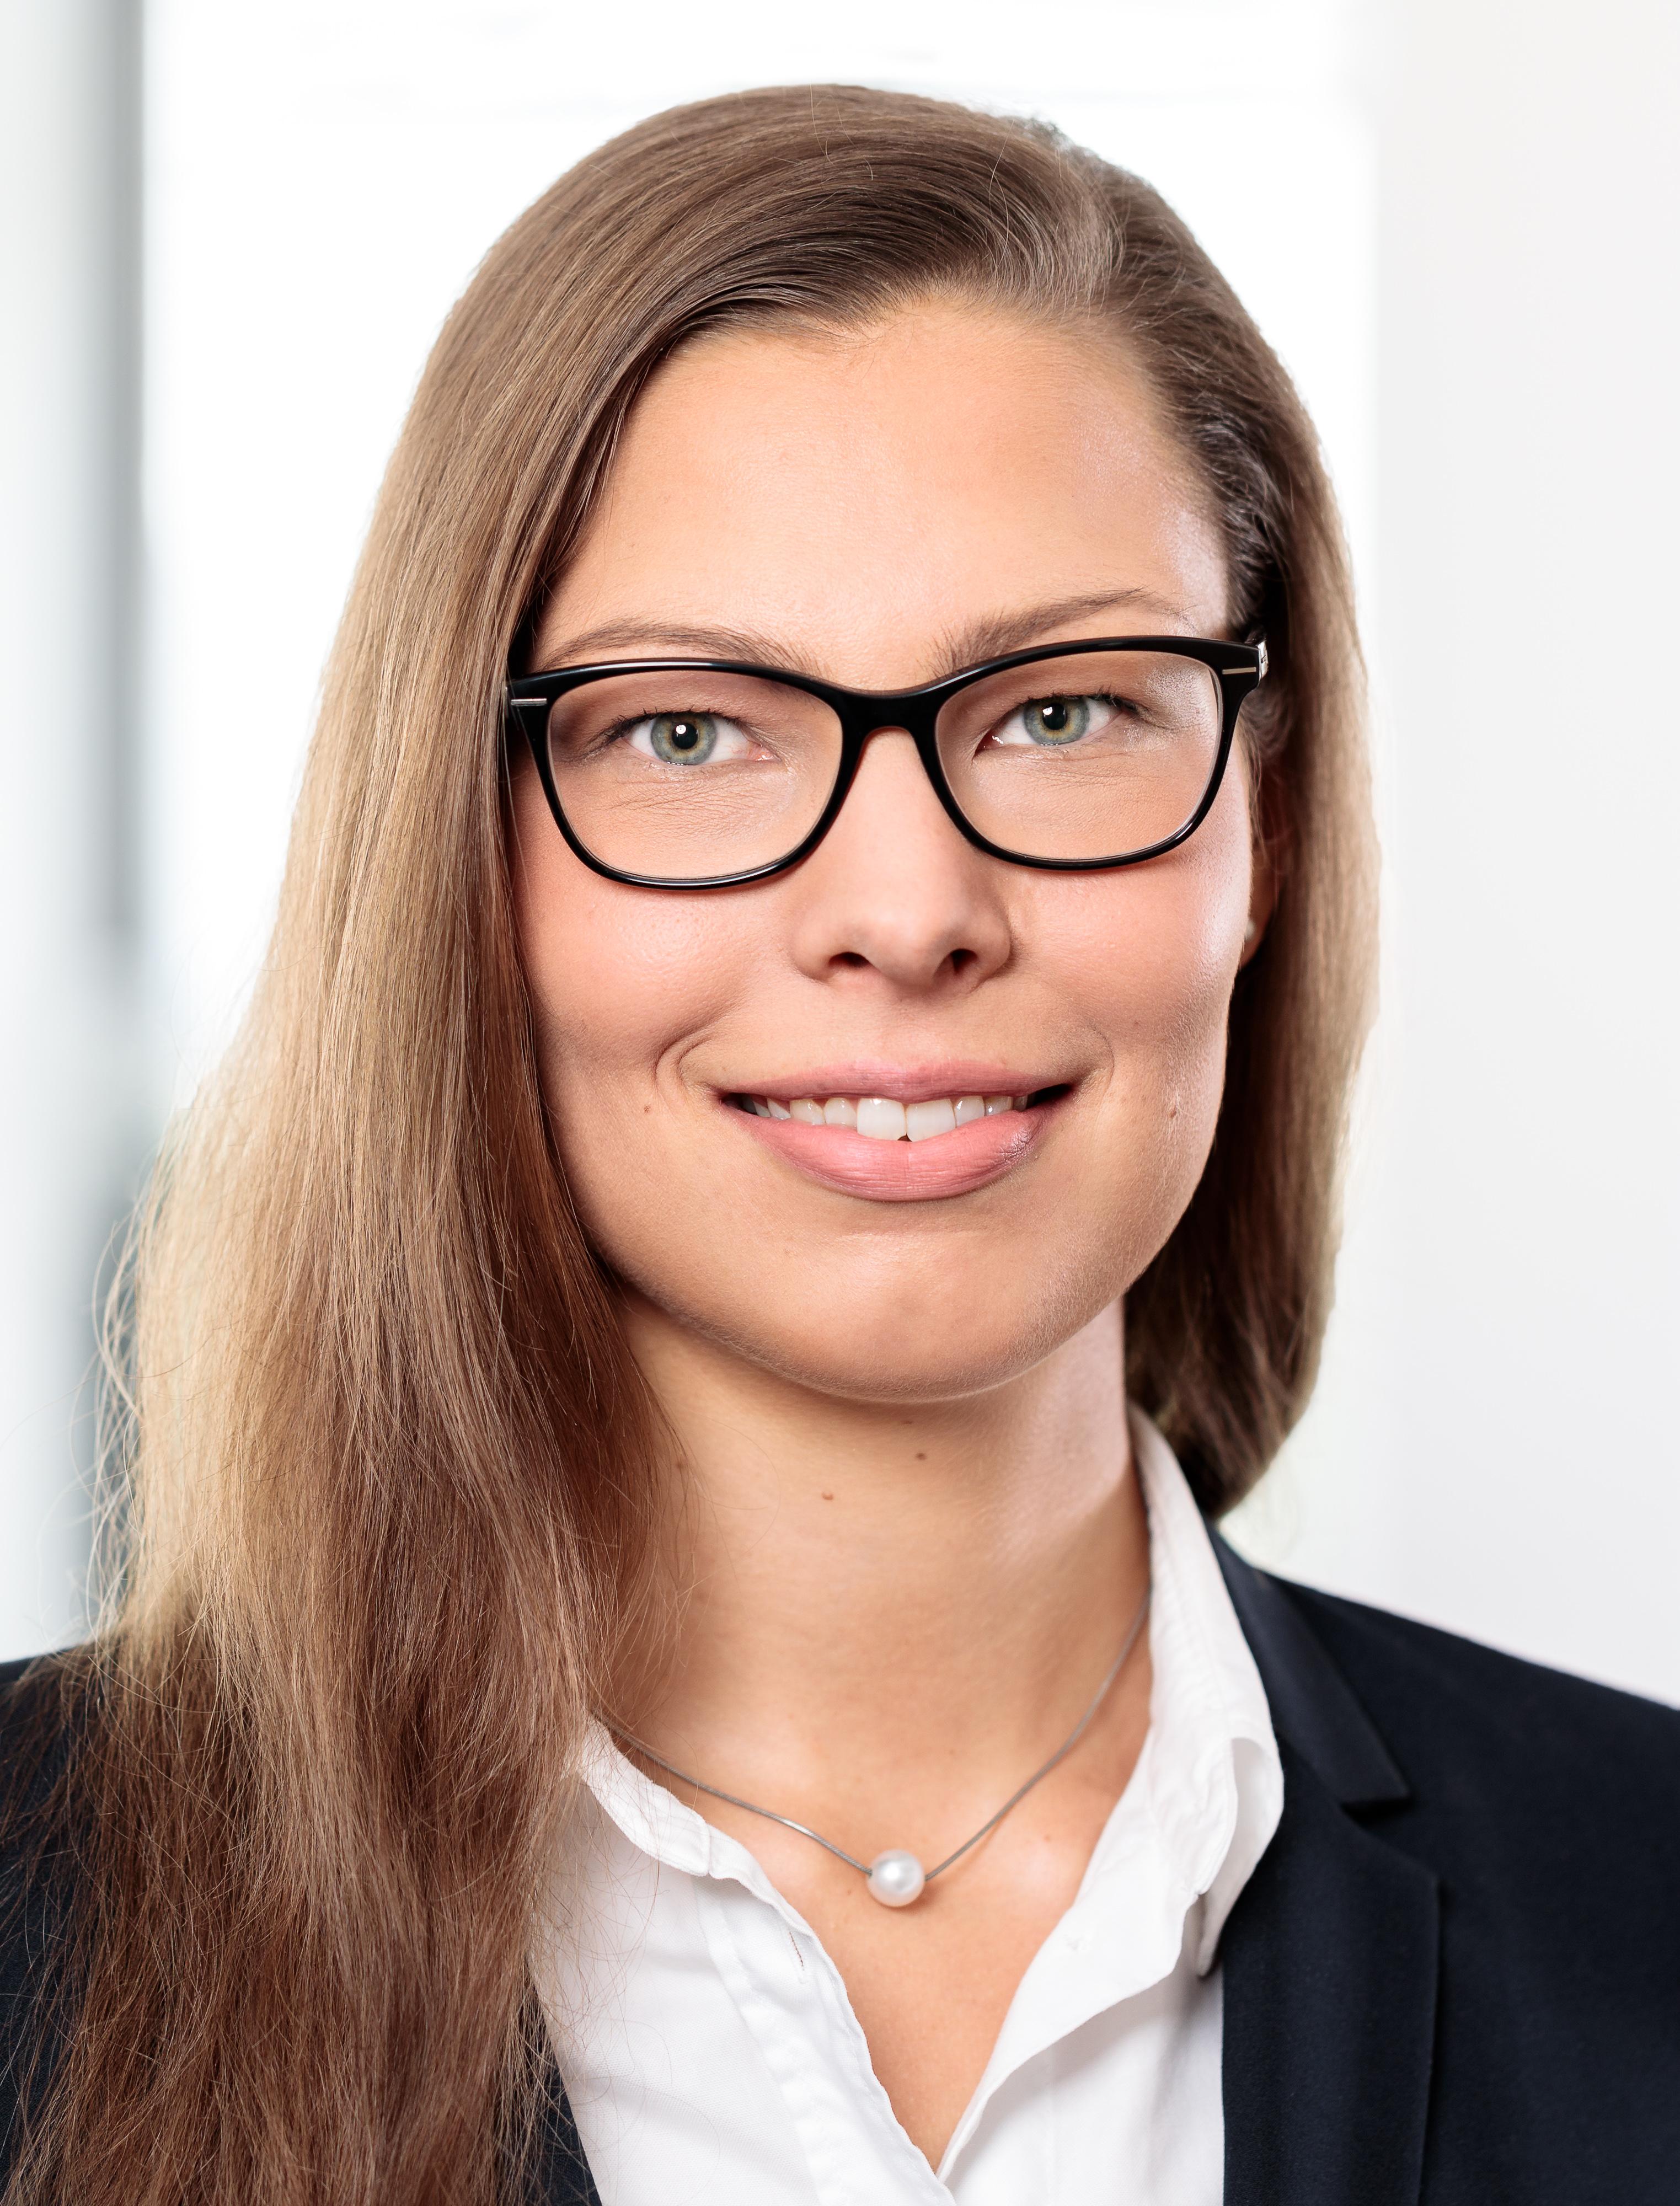 Stefanie-Weinberg-Rechtsanwaeltin-Gesellschaftsrecht-Umweltrecht-Verfassungsrecht-Steuerrecht-Kommunalberatung-Leipzig